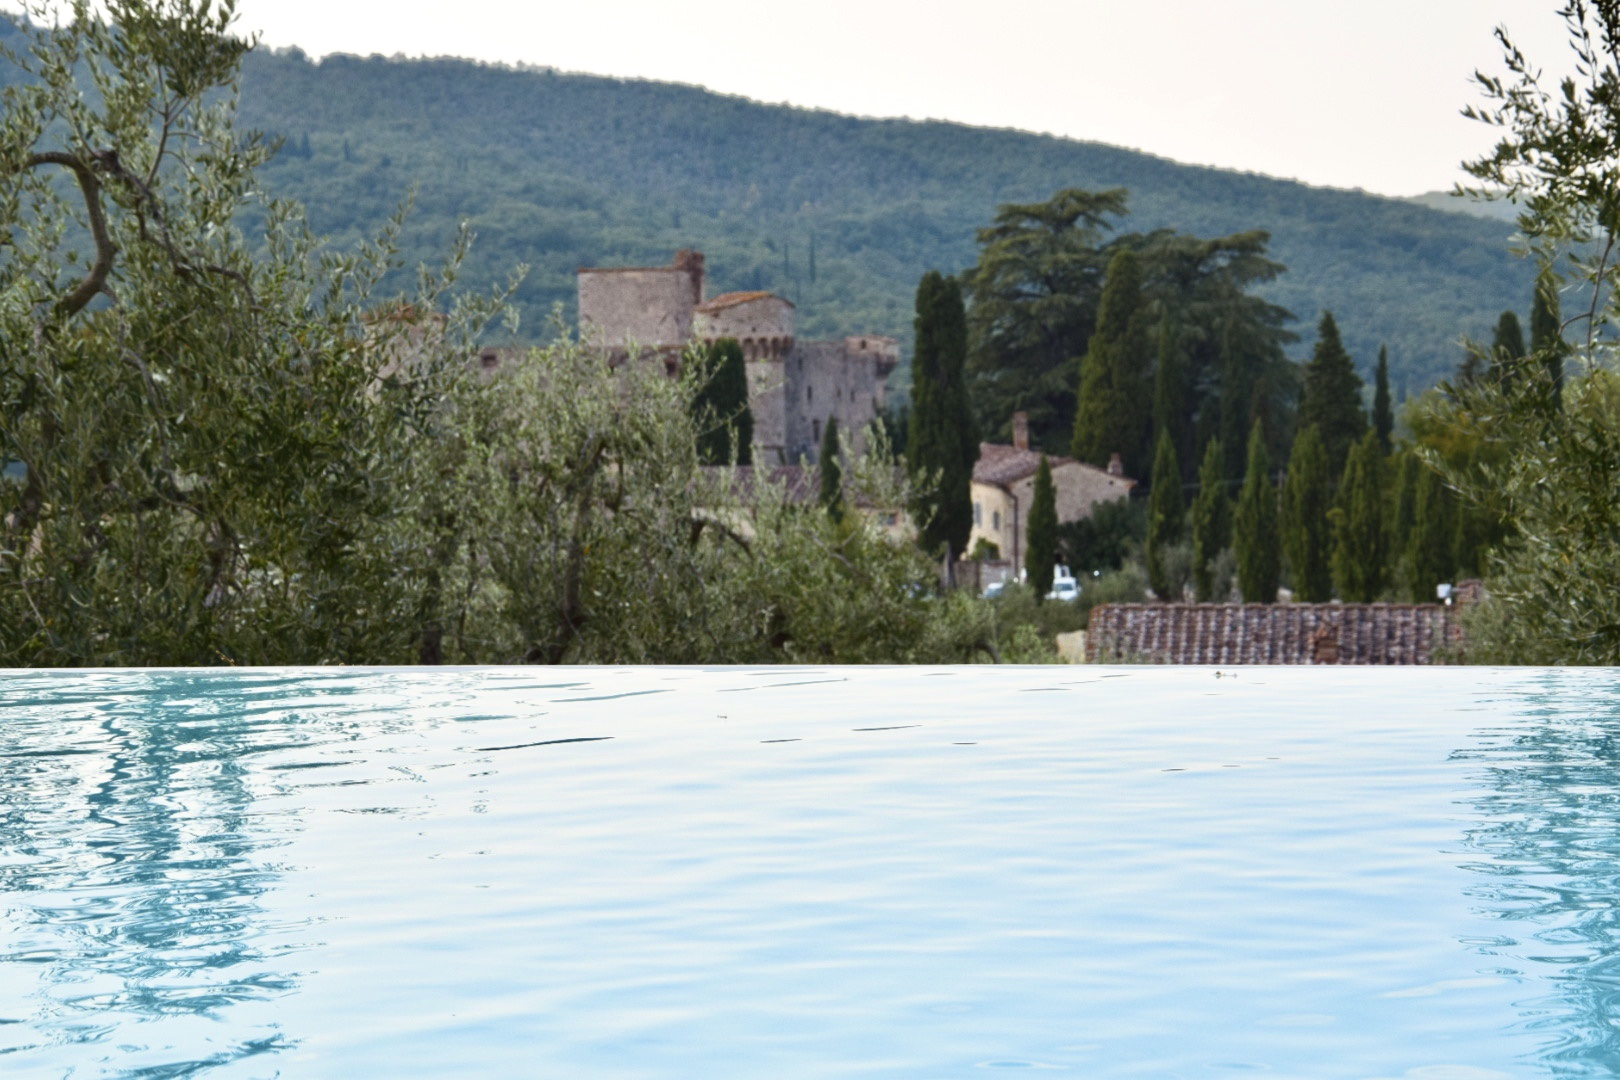 Piscina del Castello di Meleto a Gaiole in Chianti